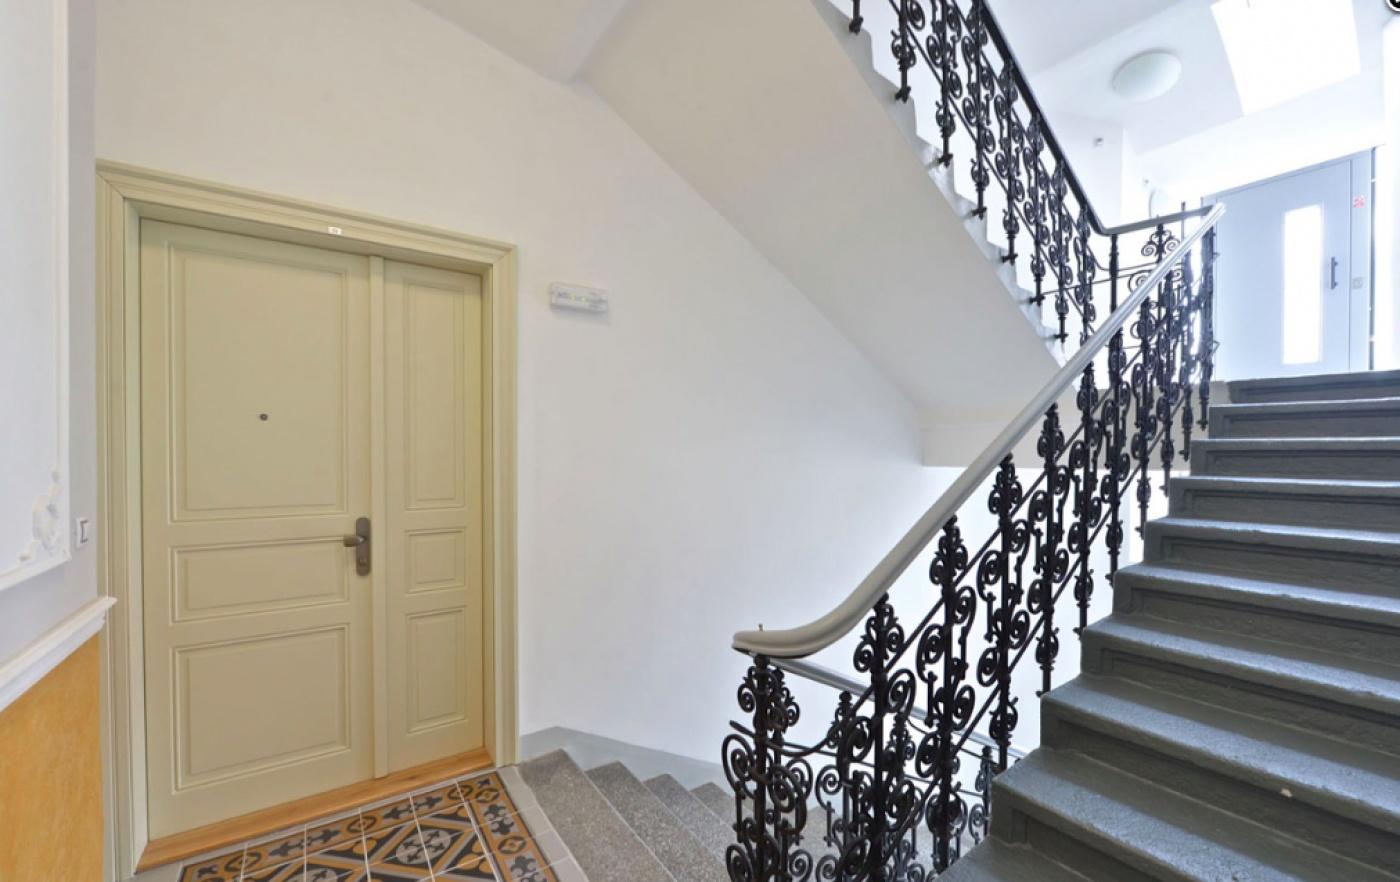 Půdní byt 3+kk, plocha 88 m², ulice Vratislavova, Praha 2 - Vyšehrad | 2